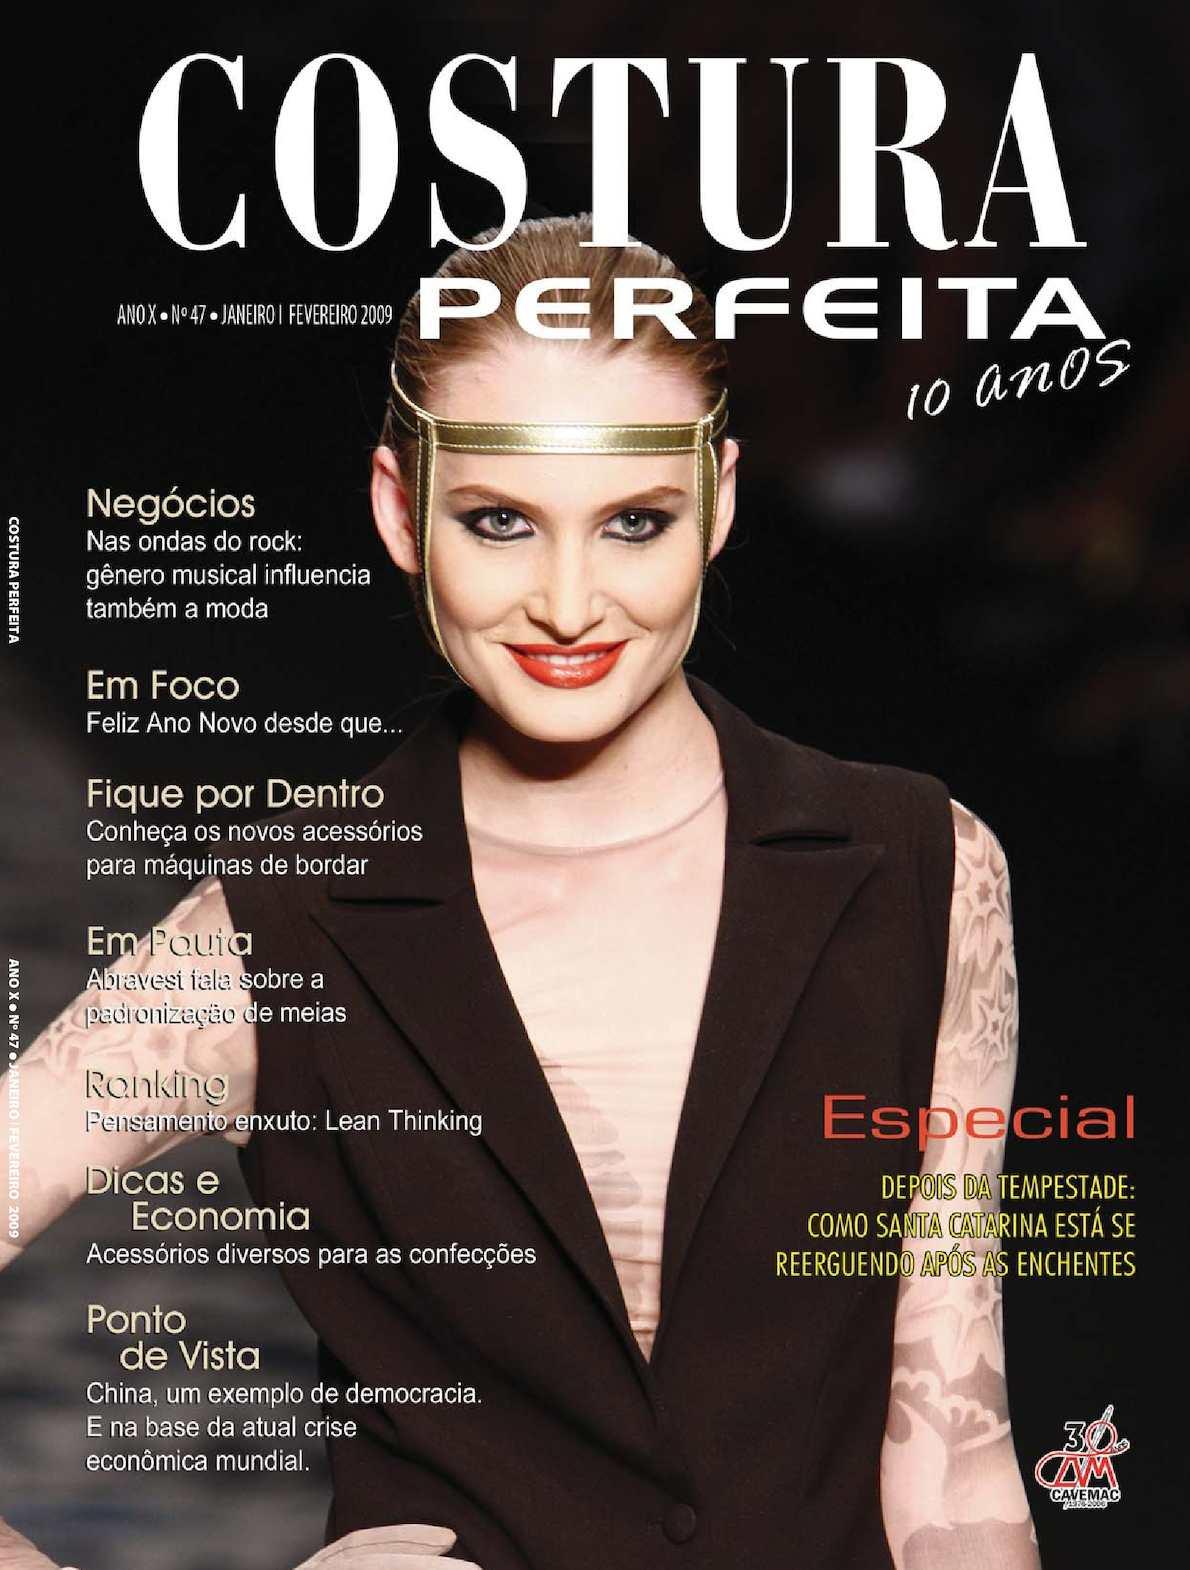 754c184af Calaméo - Revista Costura Perfeita Edição Ano X - N47 -Janeiro-Fevereiro  2009